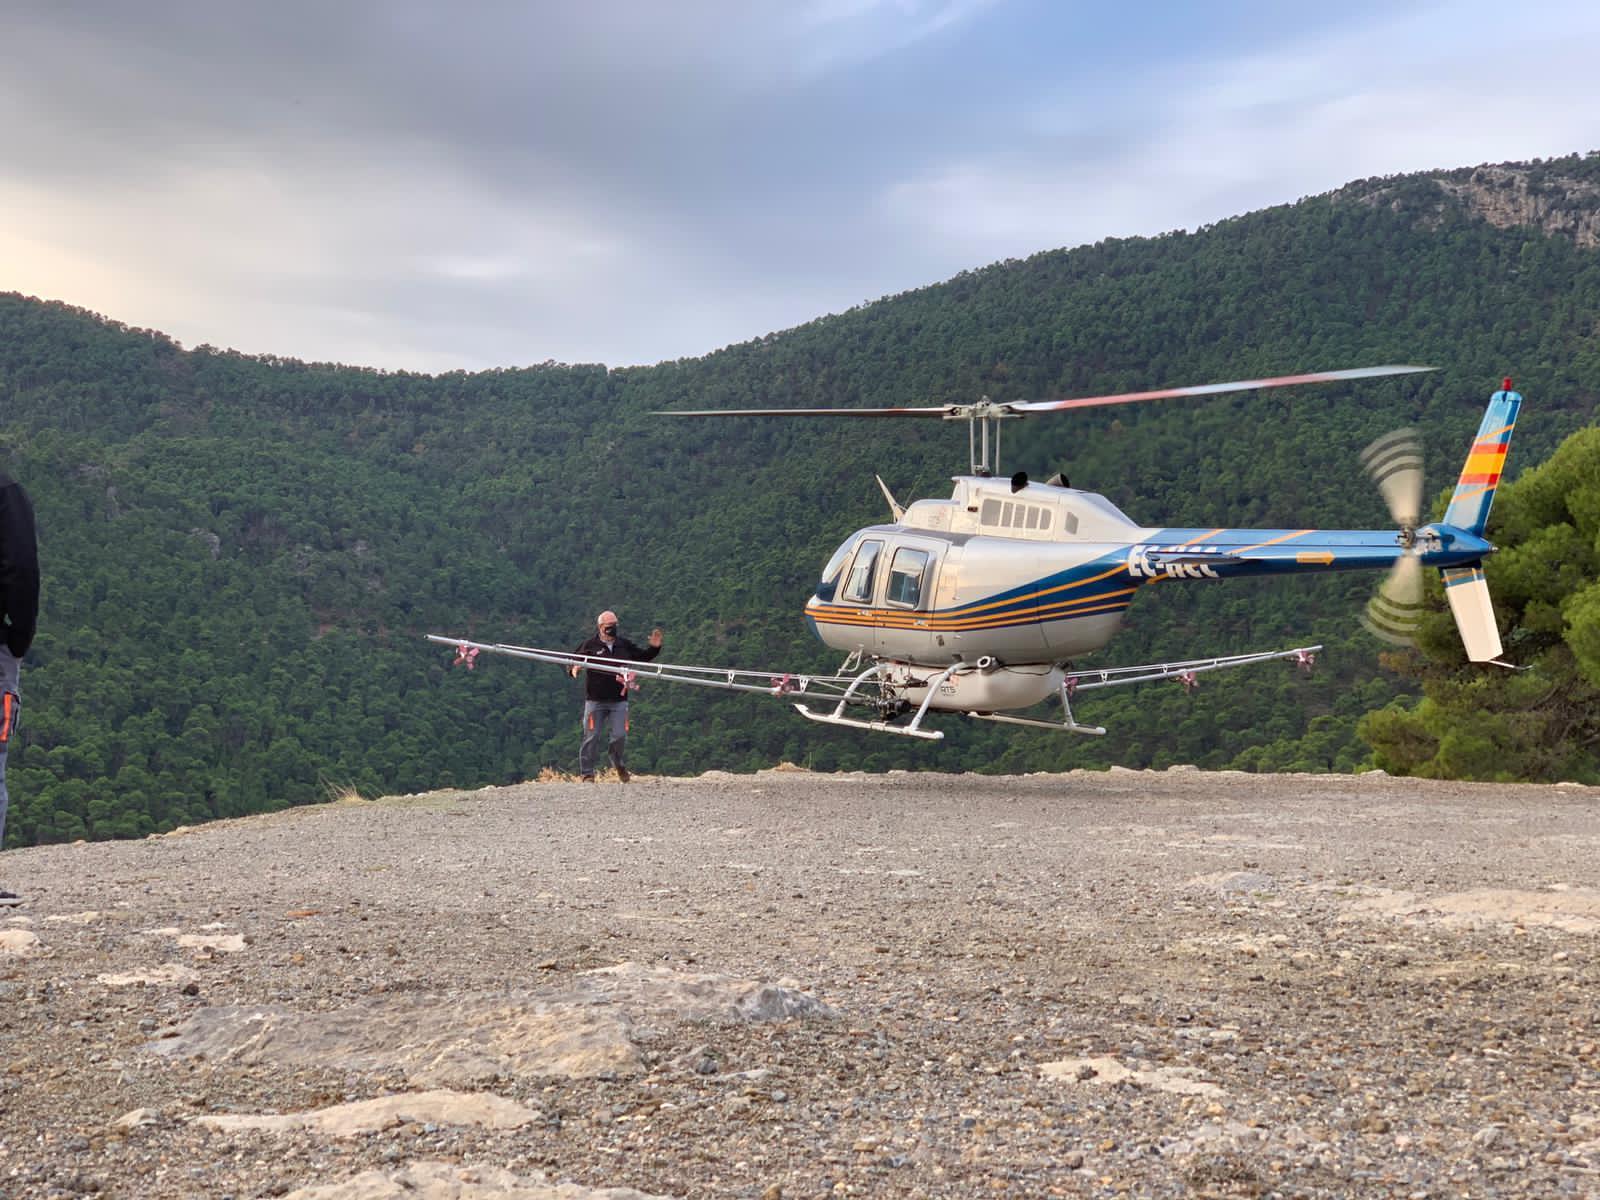 Helicóptero dispuesto a realizar las tareas de fumigación para atajar el problema de procesionaria del pino en Sierra Espuña. Imagen: CARM